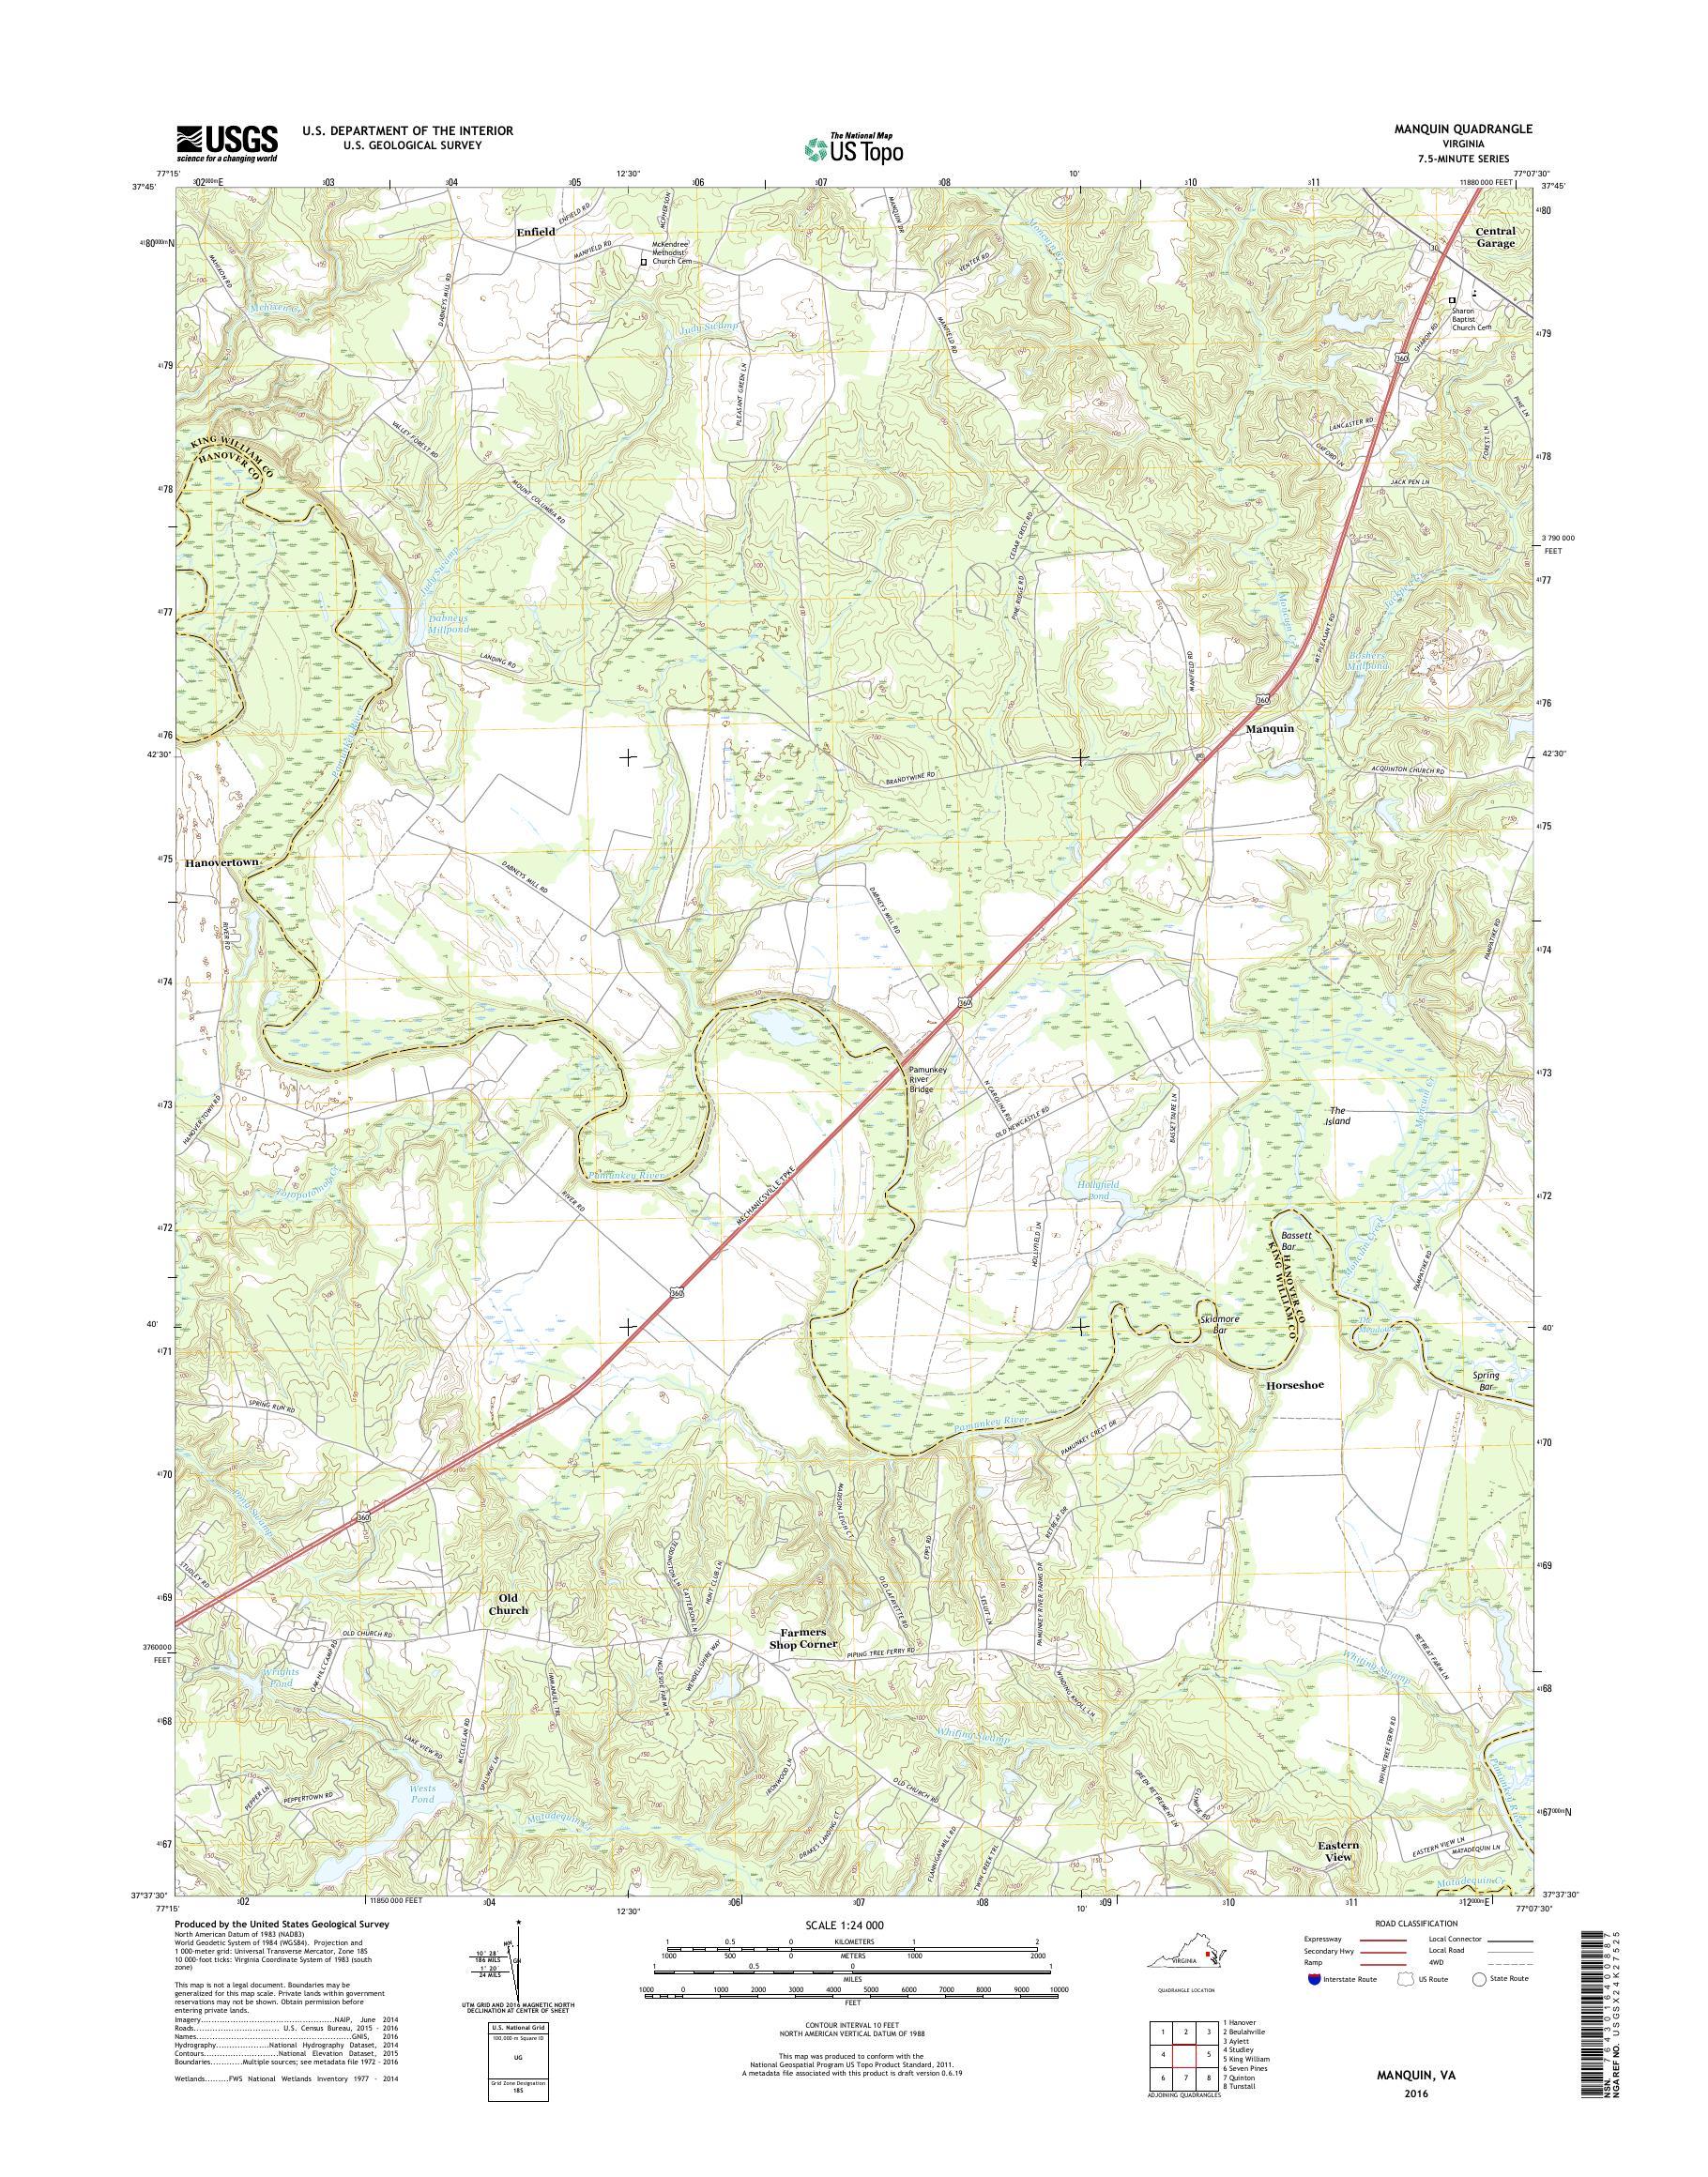 Mytopo Manquin Virginia Usgs Quad Topo Map